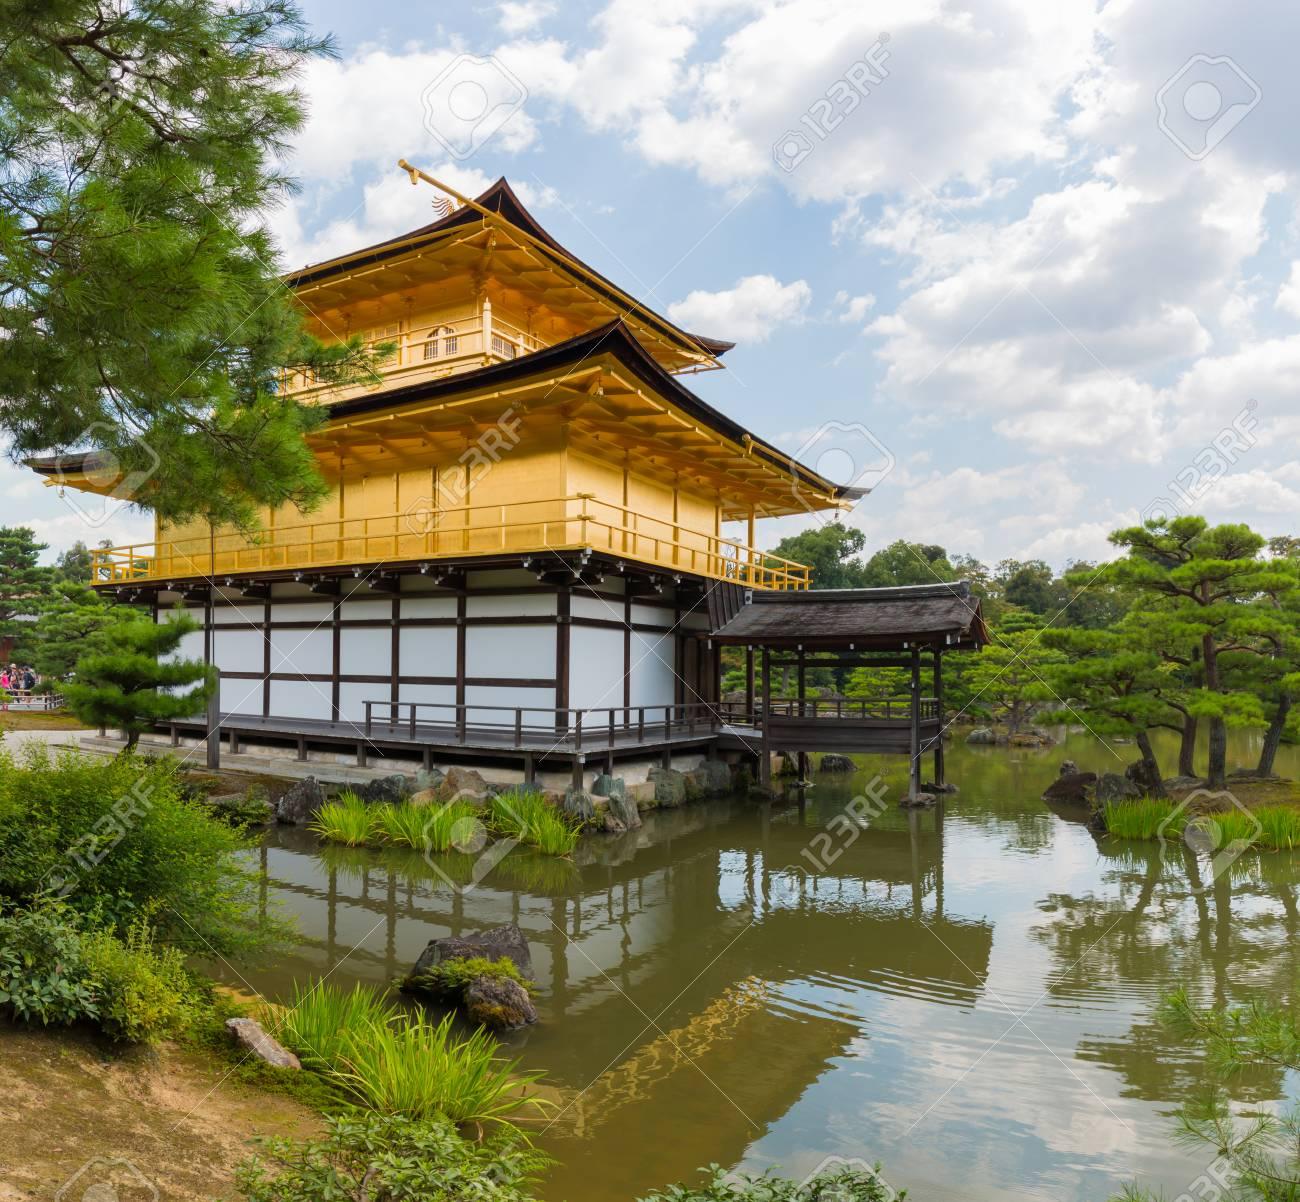 Kinkaku-ji (Temple of the Golden Pavilion) is a Zen Buddhist